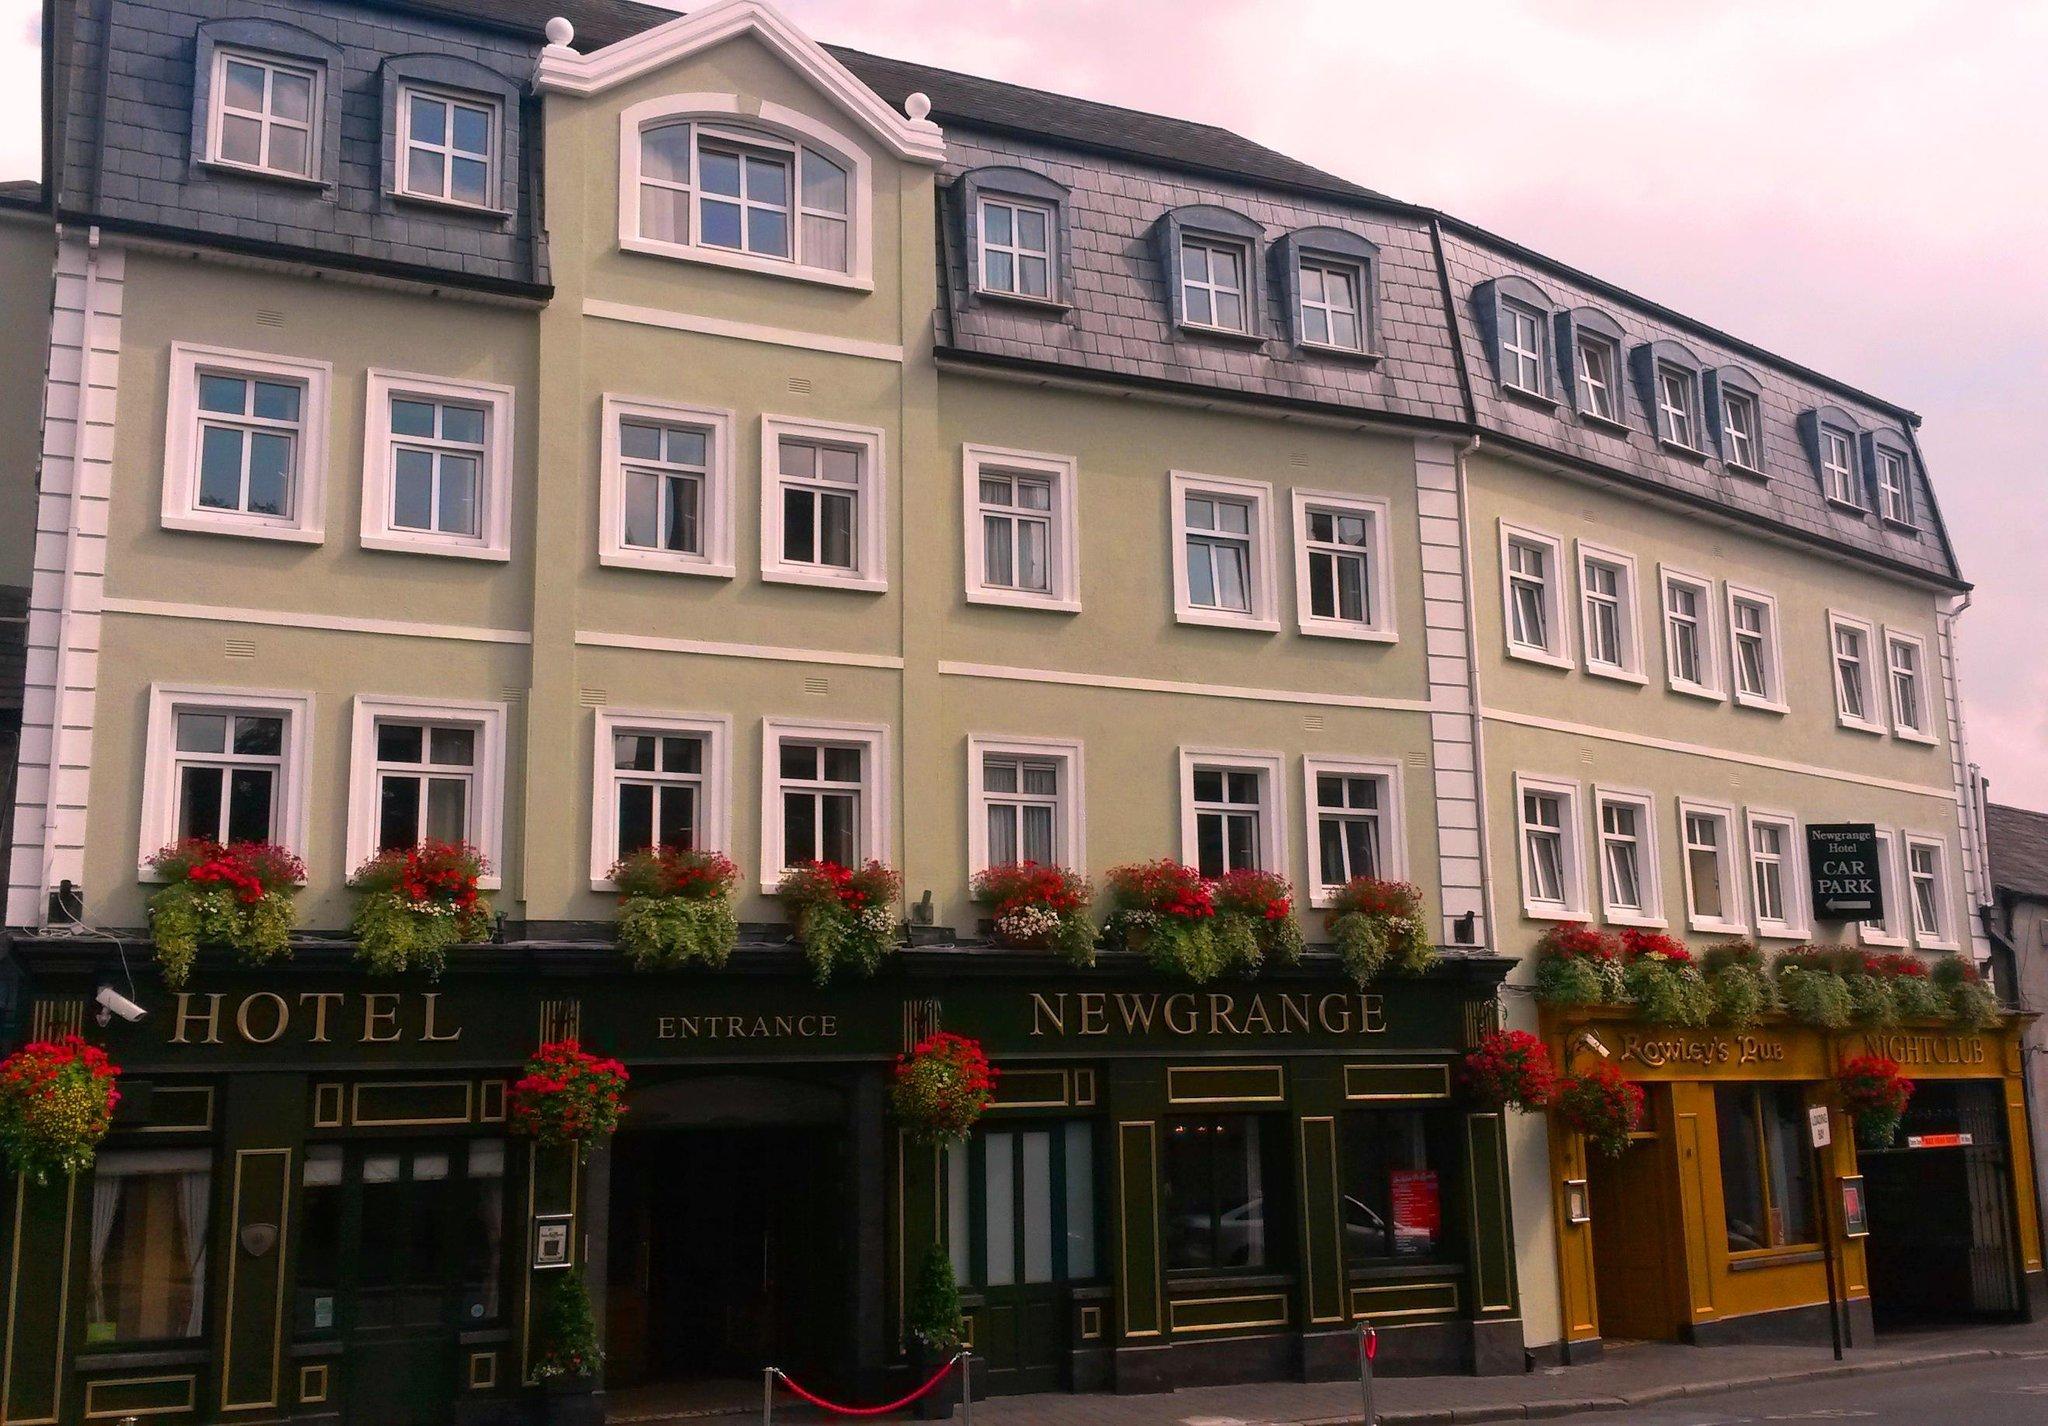 Newgrange Hotel